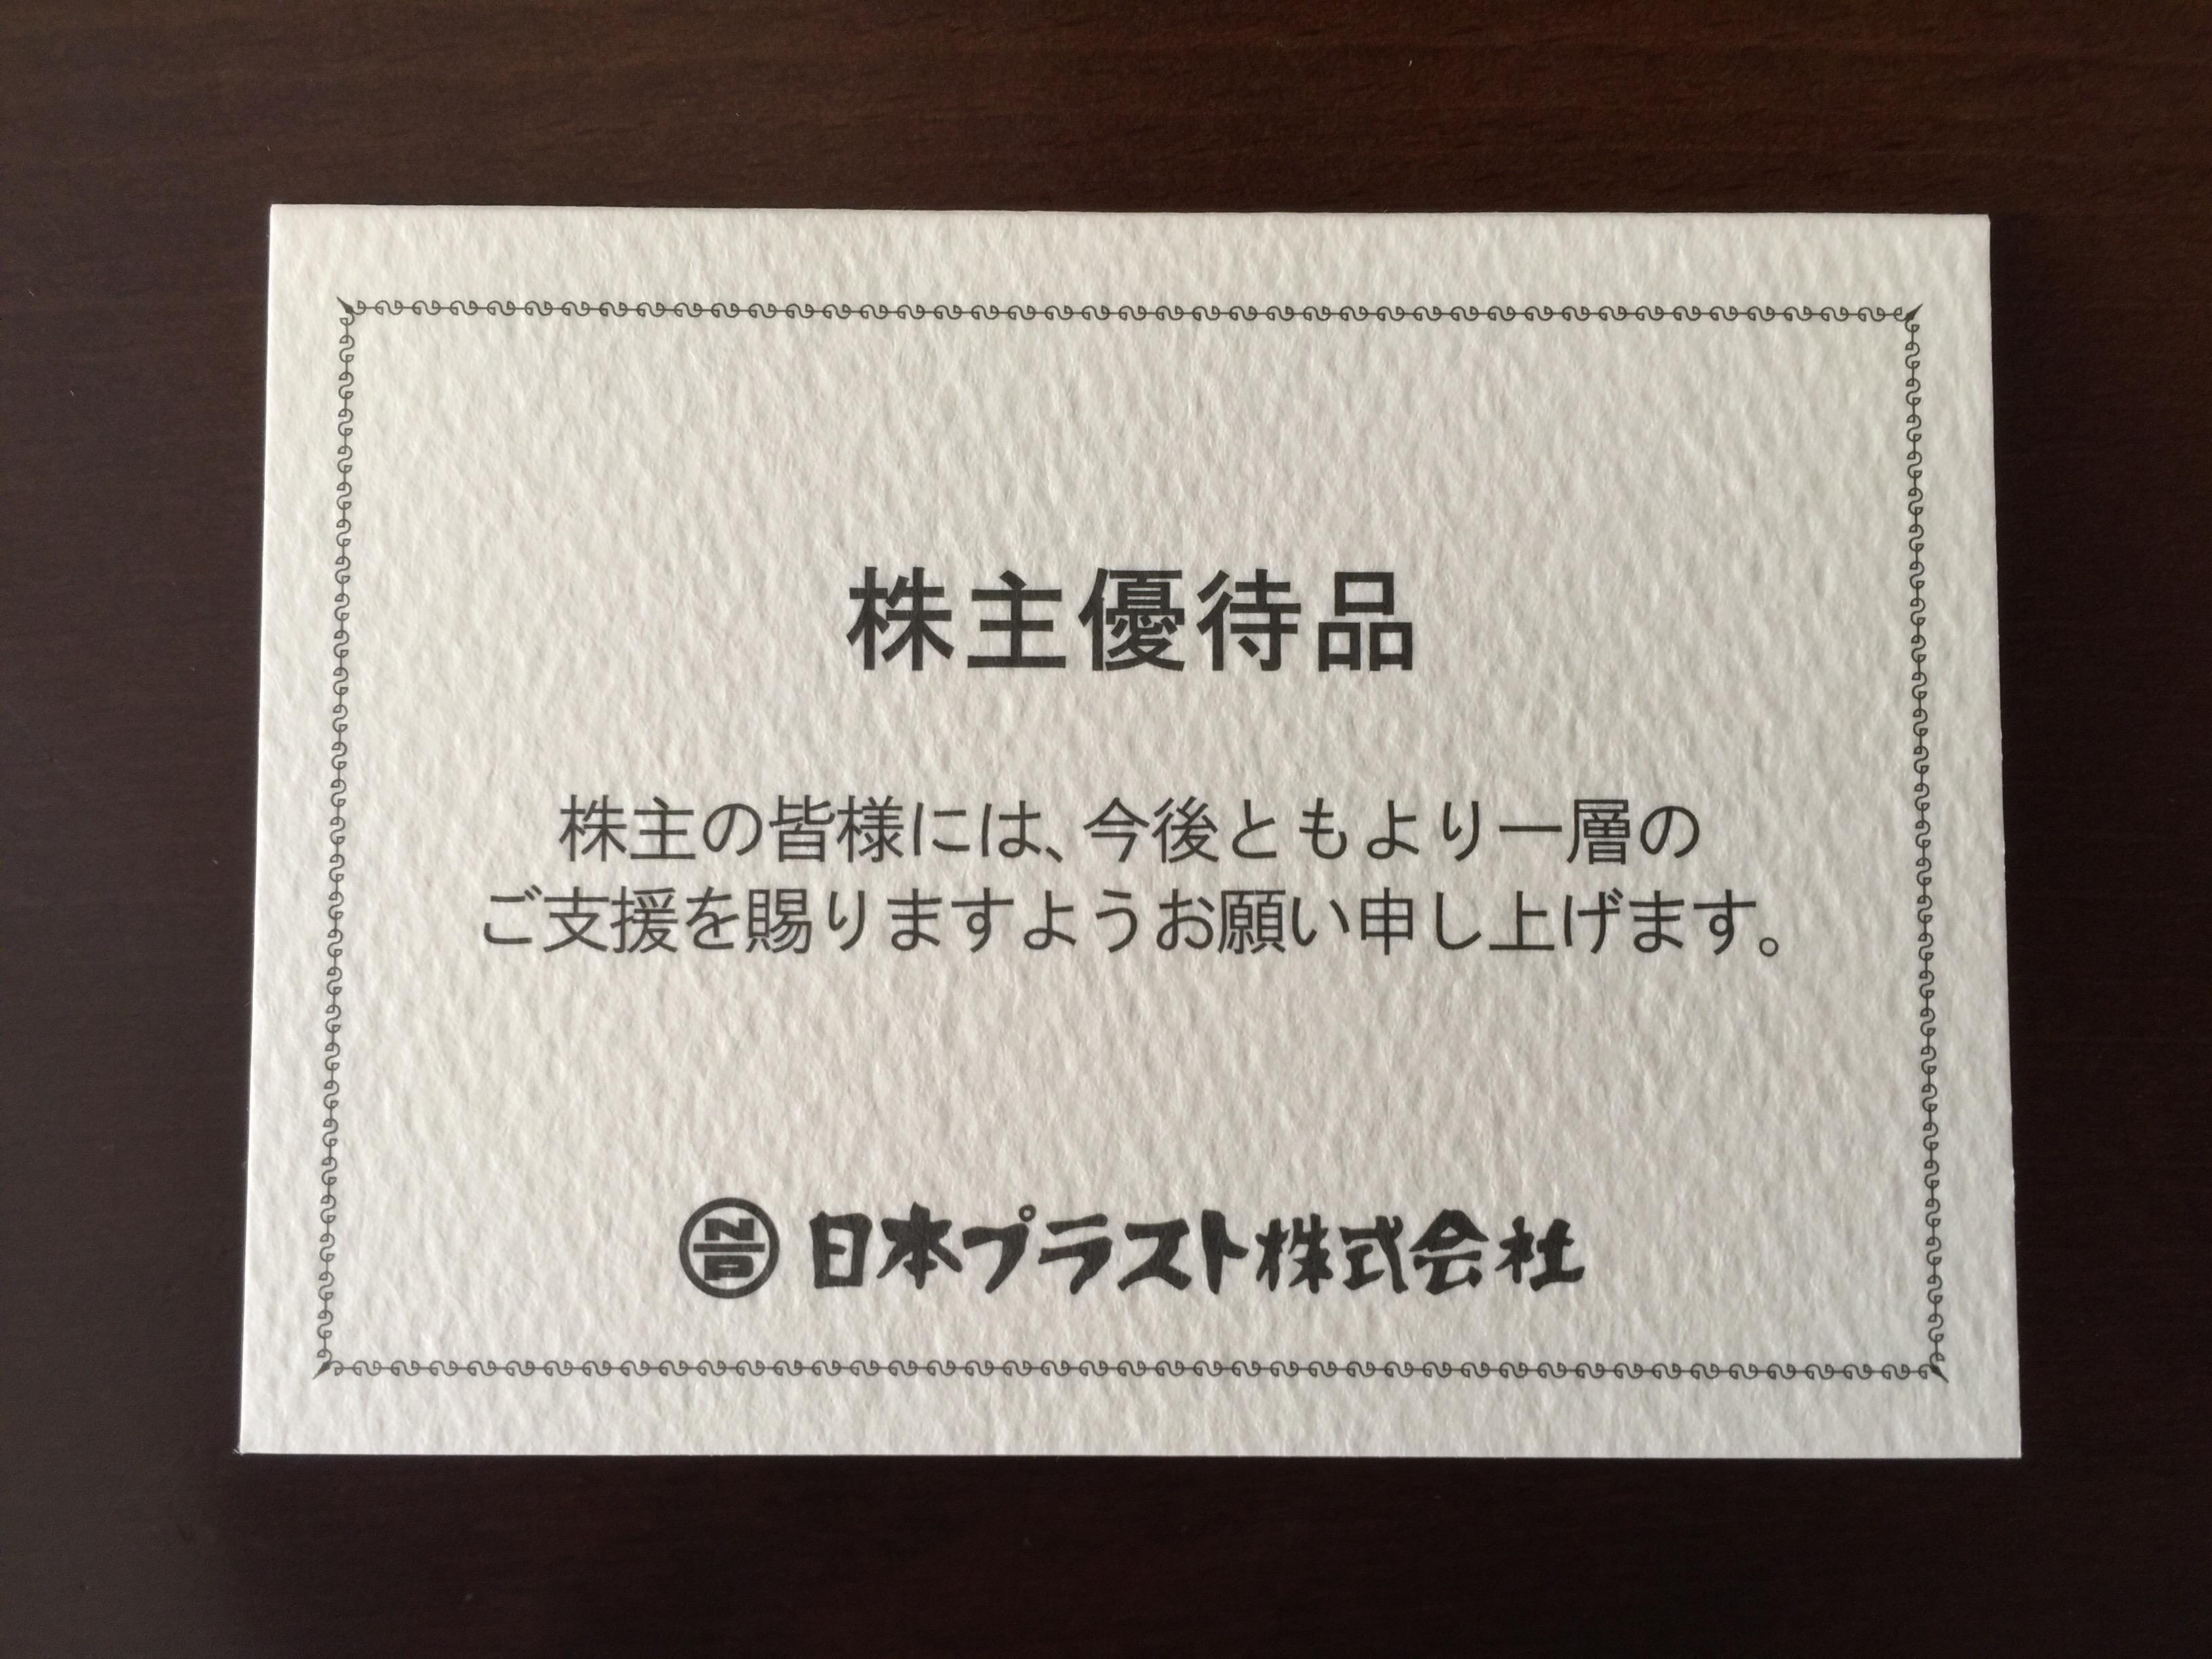 日本プラスト、VOYAGE GROUPなど売却 早かったみたいです